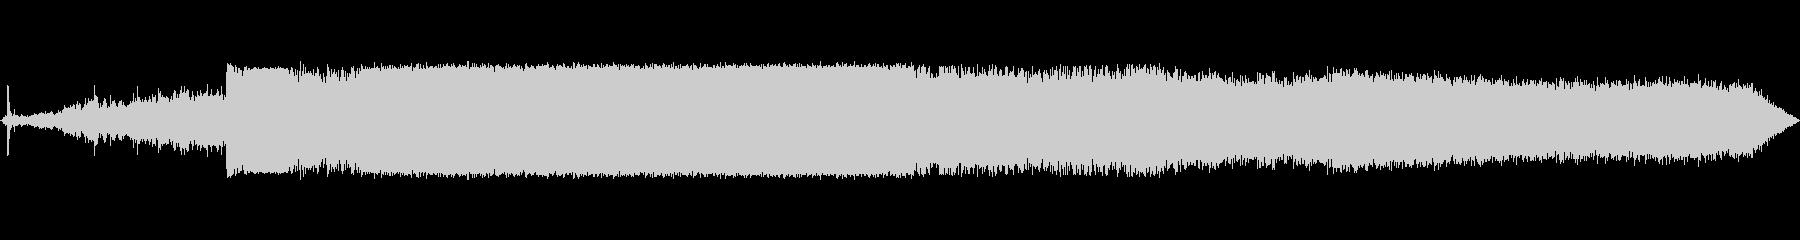 リアジェット55:EXT:最初のタ...の未再生の波形